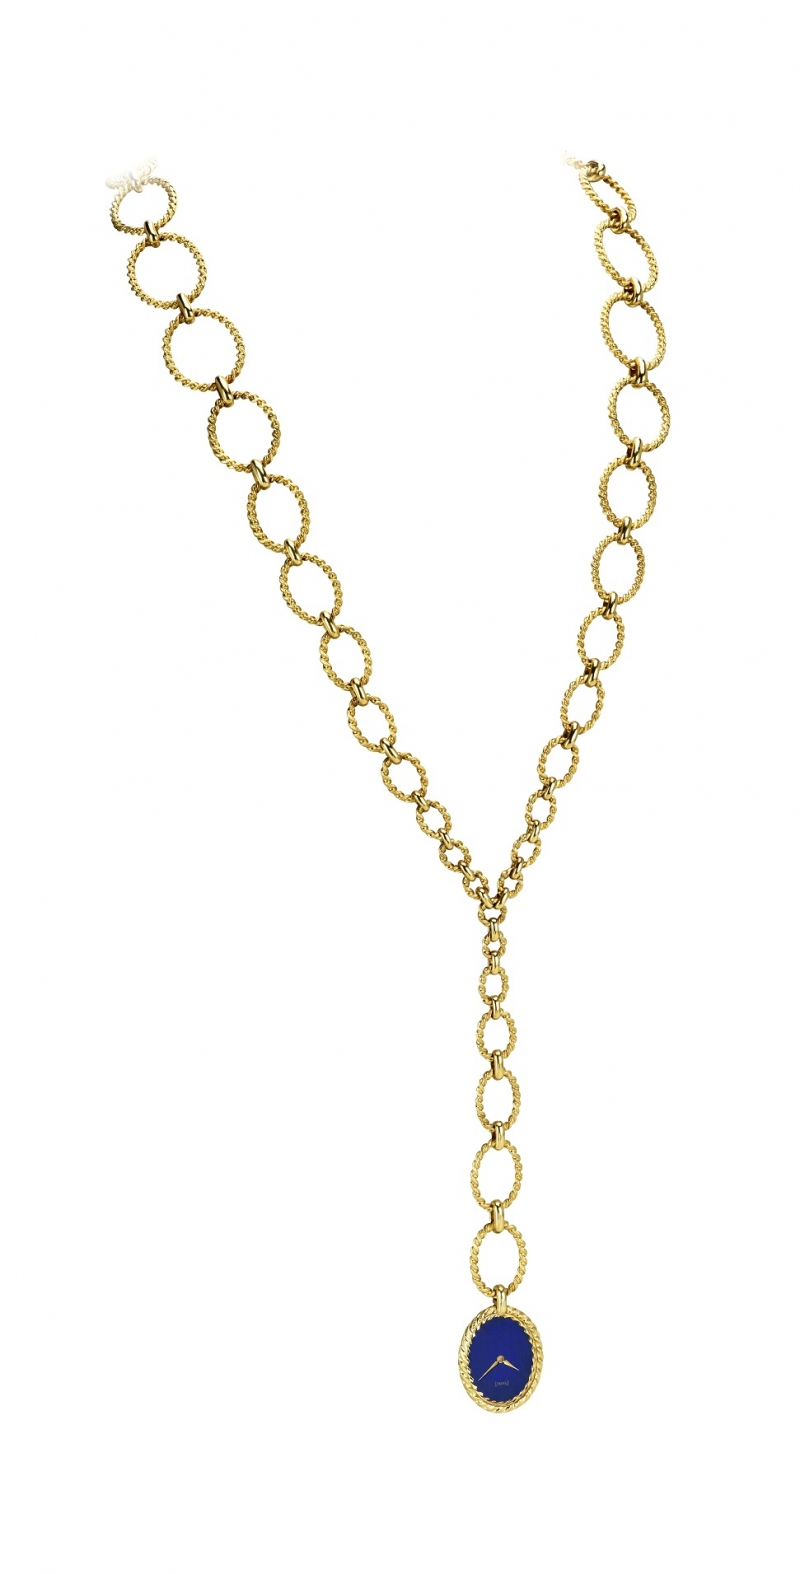 項鍊錶 伯爵古董項鍊錶 黃金材質項鍊由麻花金質線圈串接而成青金石錶盤 搭載伯爵製6P手動上錬機械機芯1972年 伯爵傳承典藏 6865 P63